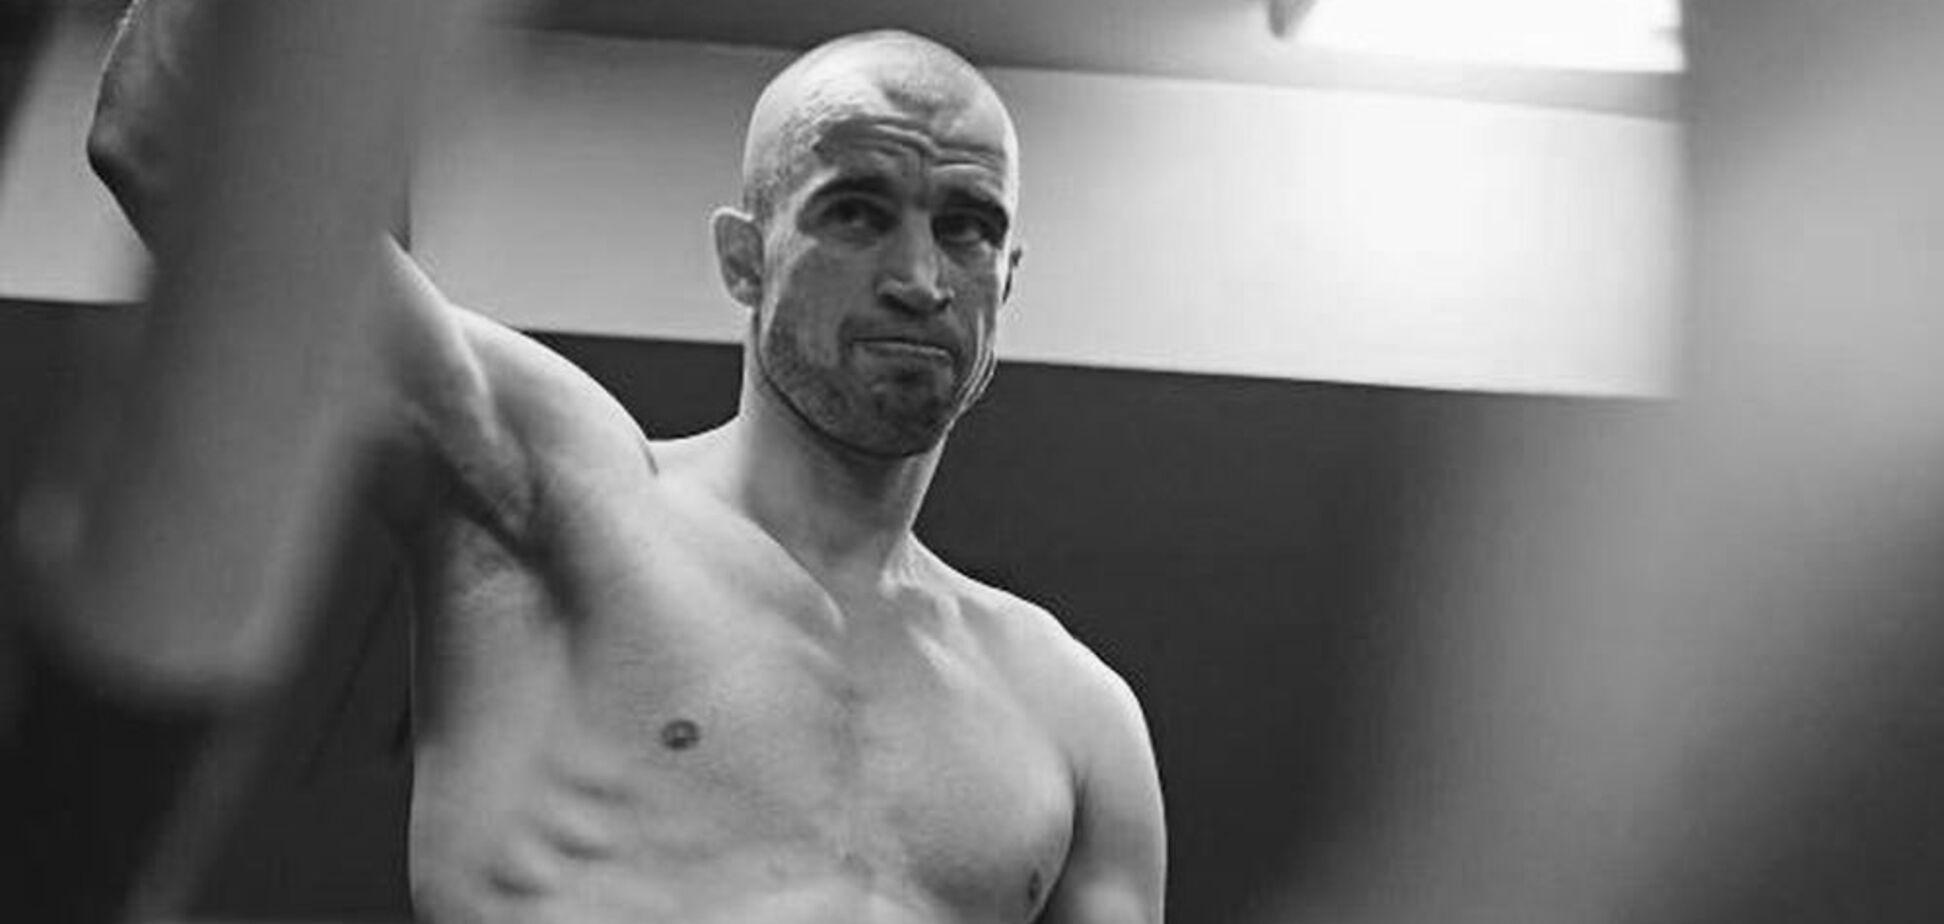 В России застрелили непобедимого боксера из дивизиона Гвоздика